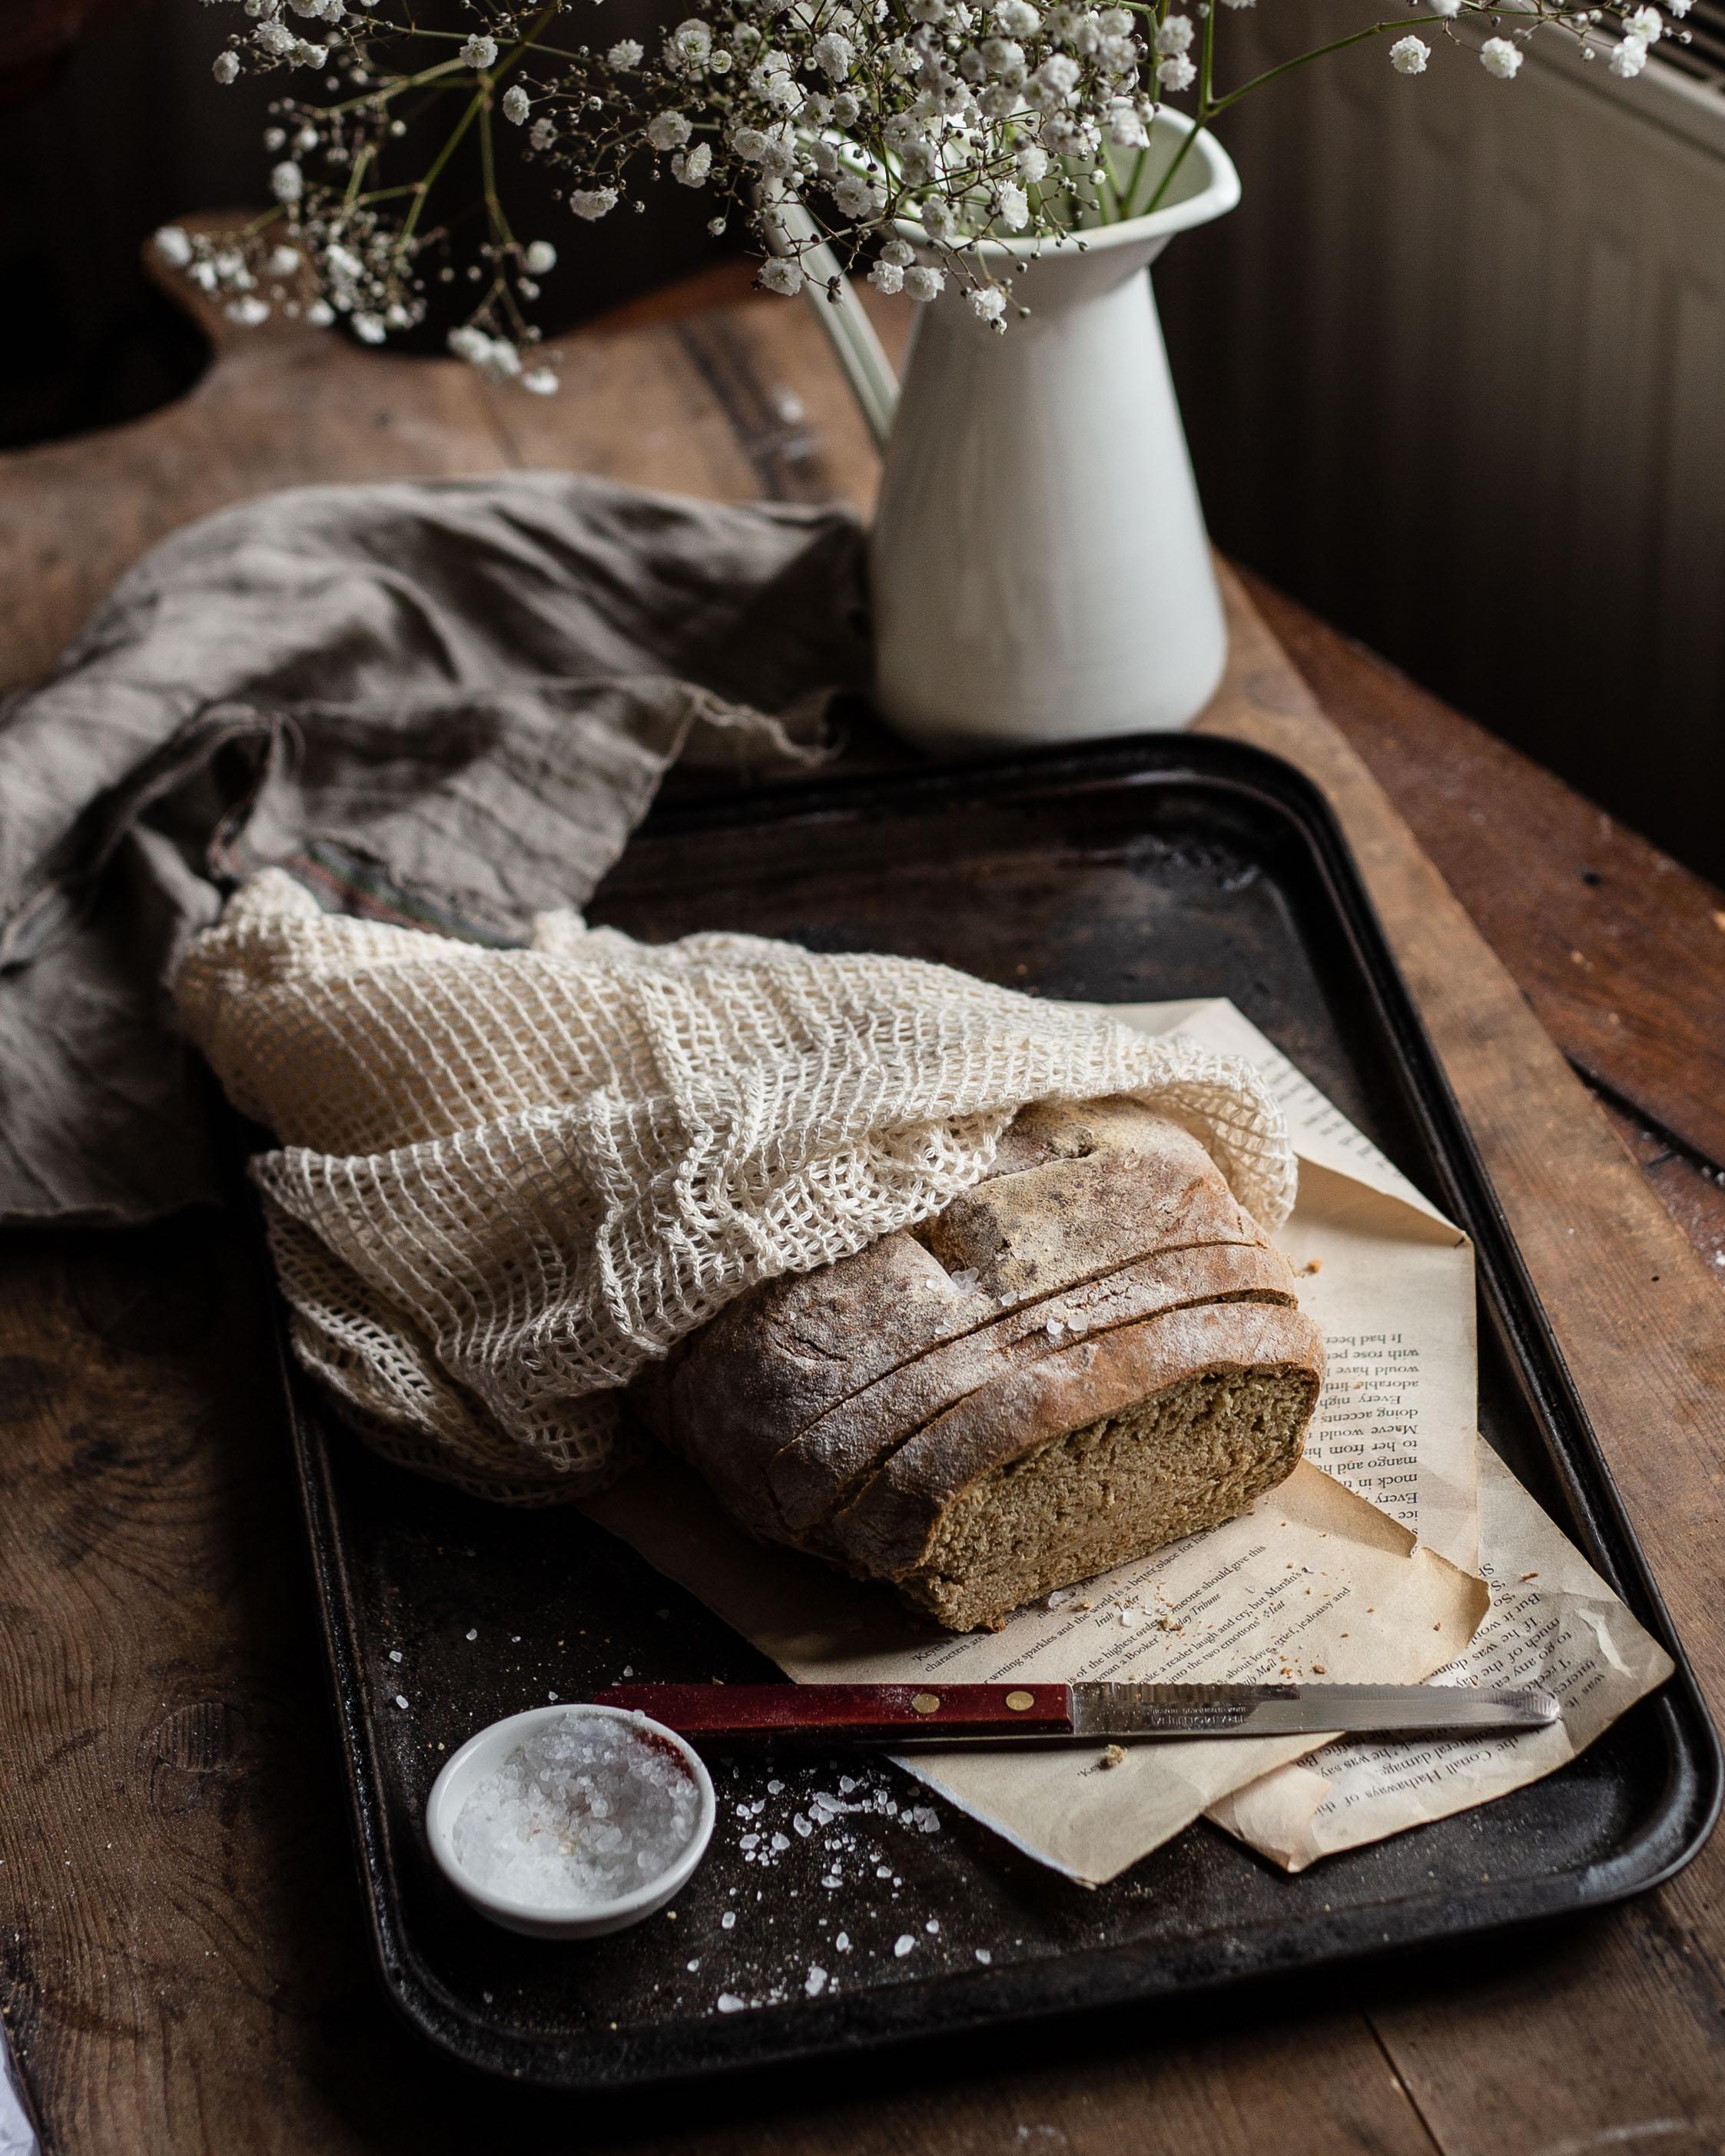 Das Brot ist fertig gebacken, und will nur noch probiert werden.